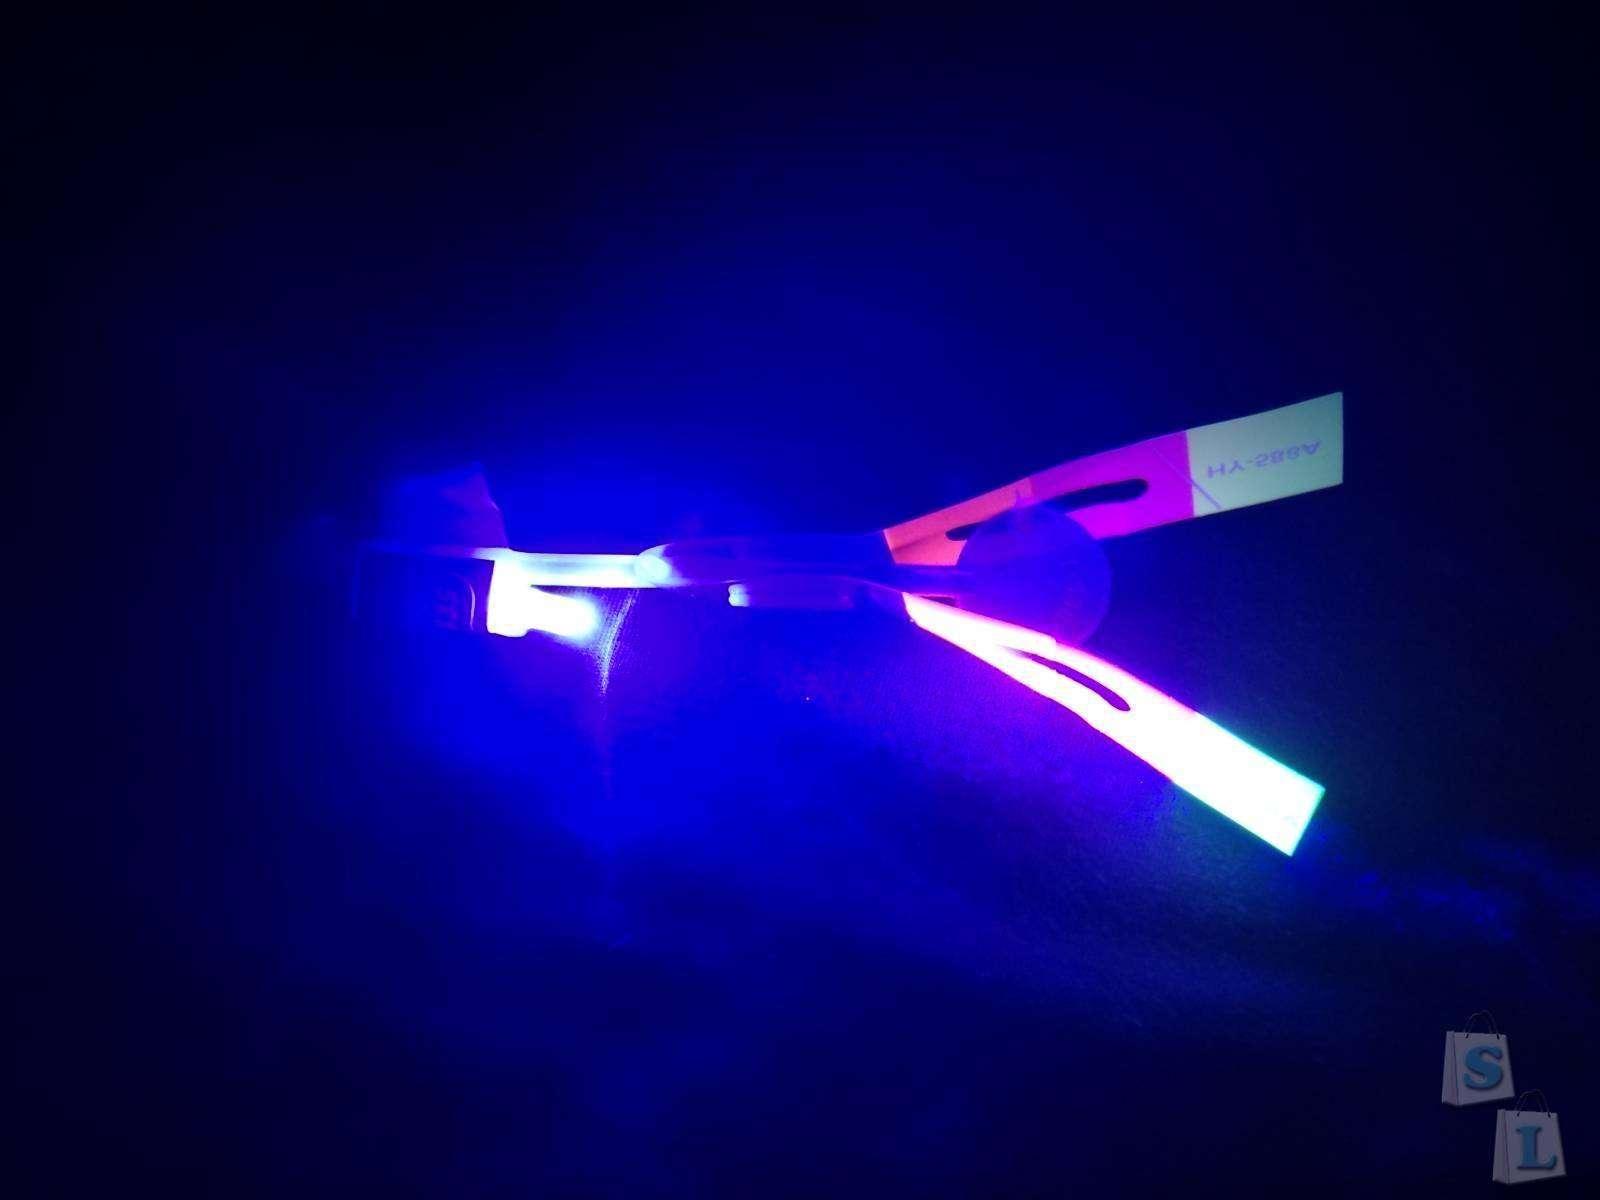 GearBest: Летающие свечки или вертолетики и рогатка